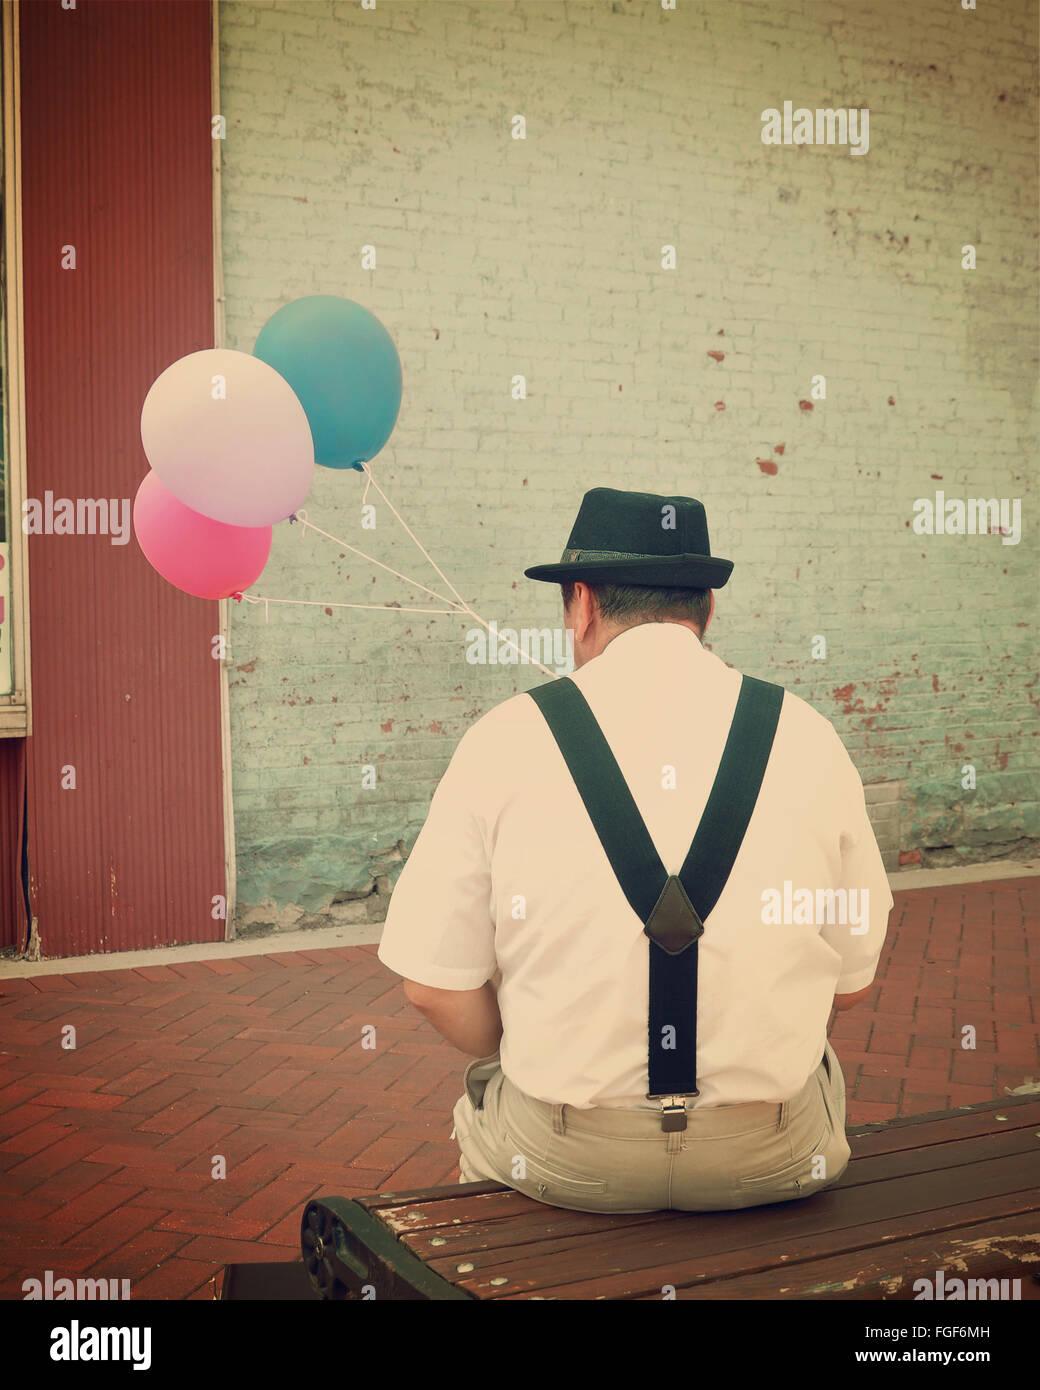 Retro Vintage un homme d'affaires est assis sur un banc en ville avec des ballons colorés pour un bonheur Photo Stock